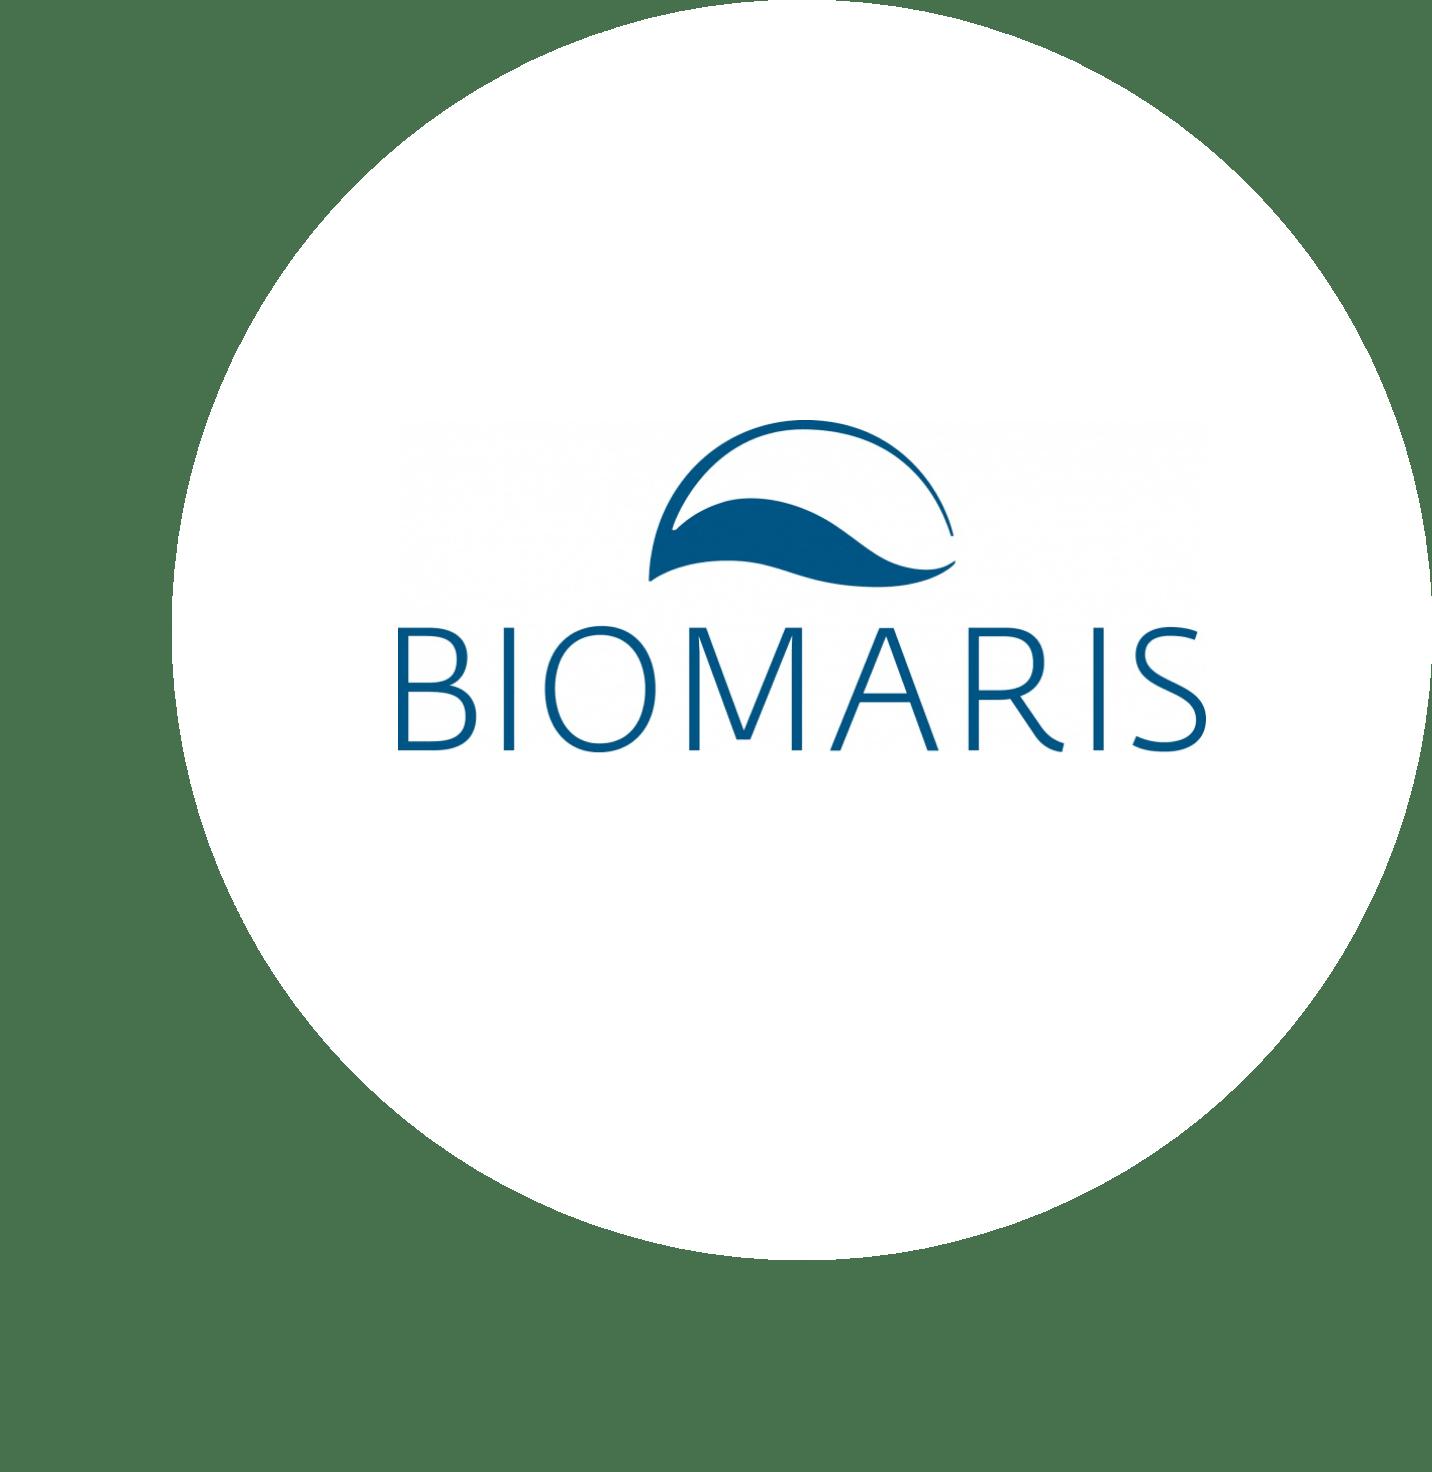 Biomaris-min